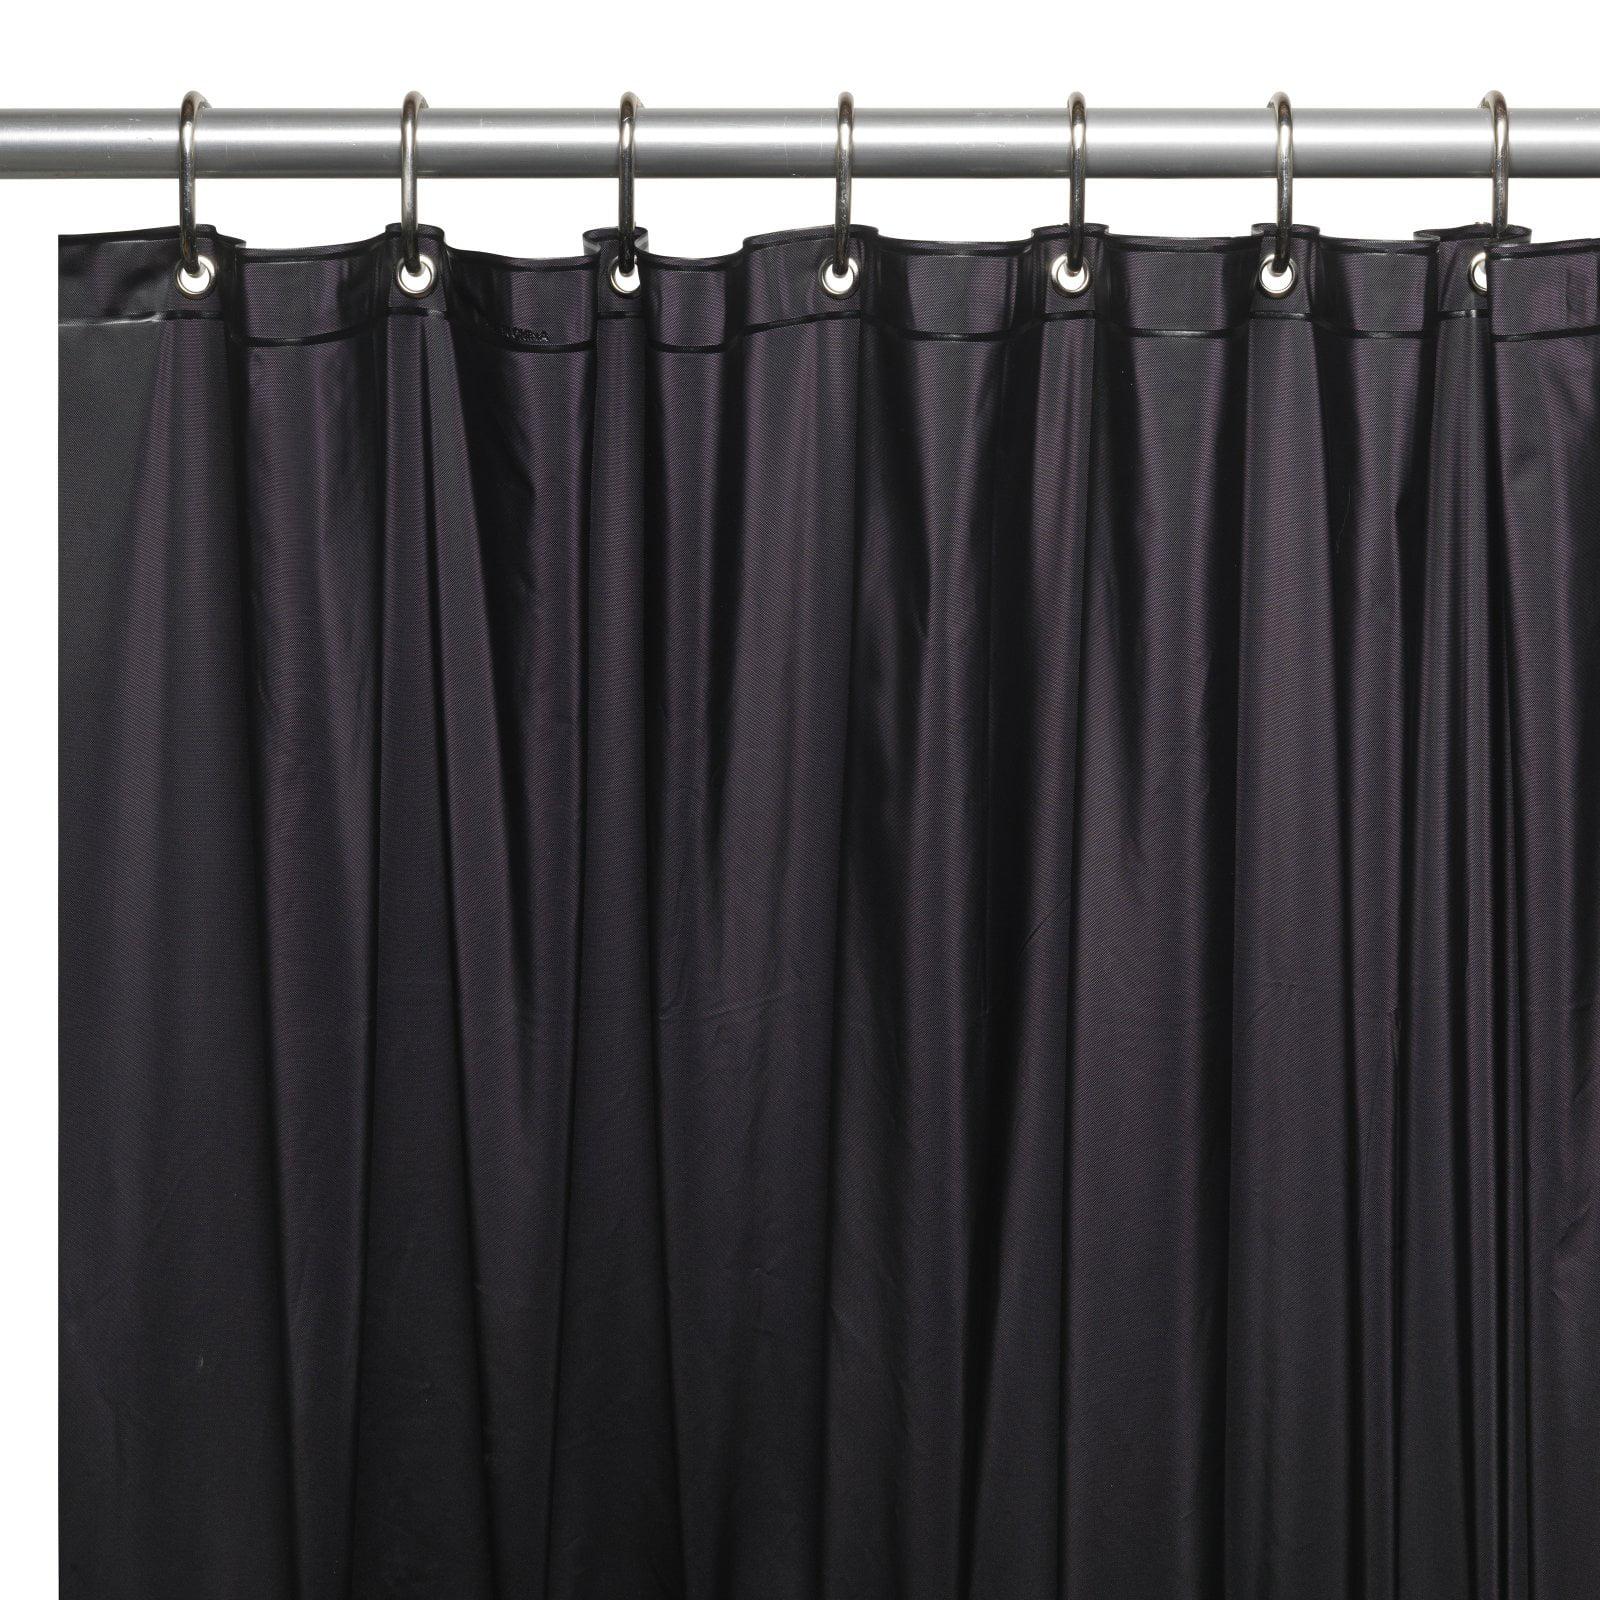 Mildew Resistant 10 Gauge Vinyl Shower Curtain Liner W Metal Grommets And Reinforced Mesh Header In Black